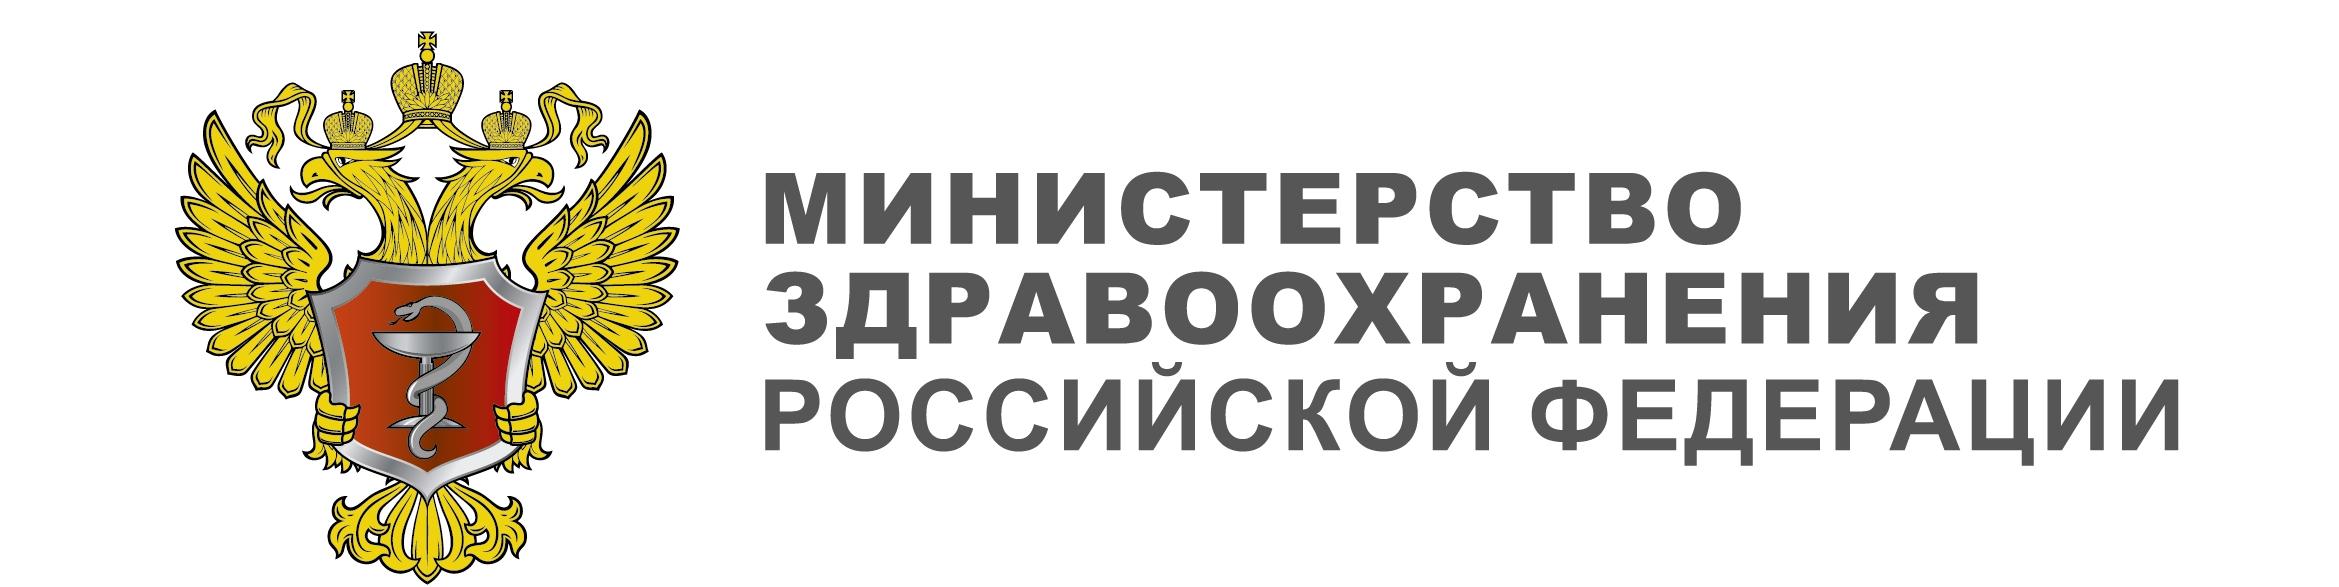 Приказ Министерства здравоохранения РФ № 11н от 19.01.2017